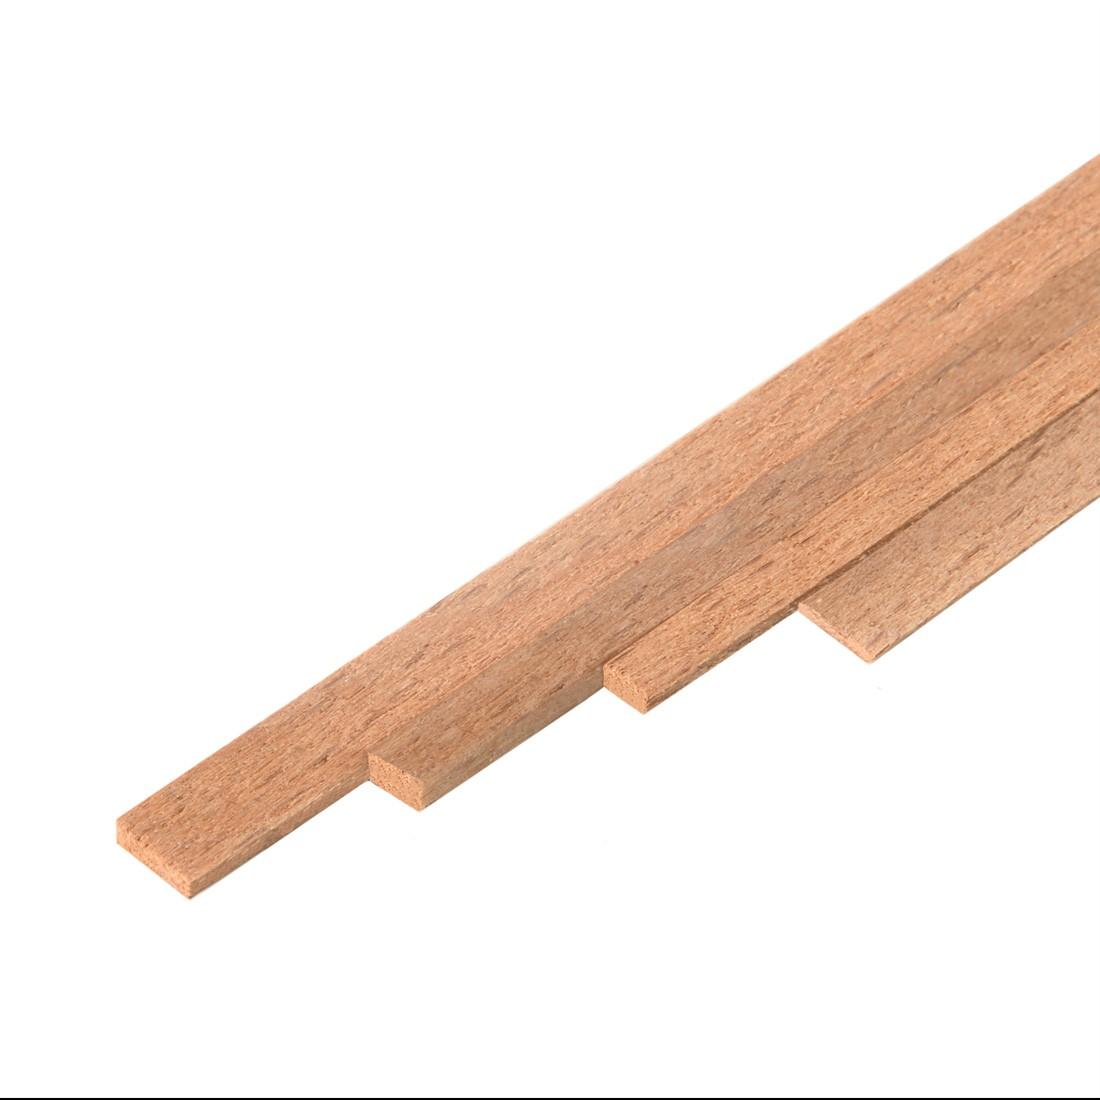 Tira de madera de haya 1x3